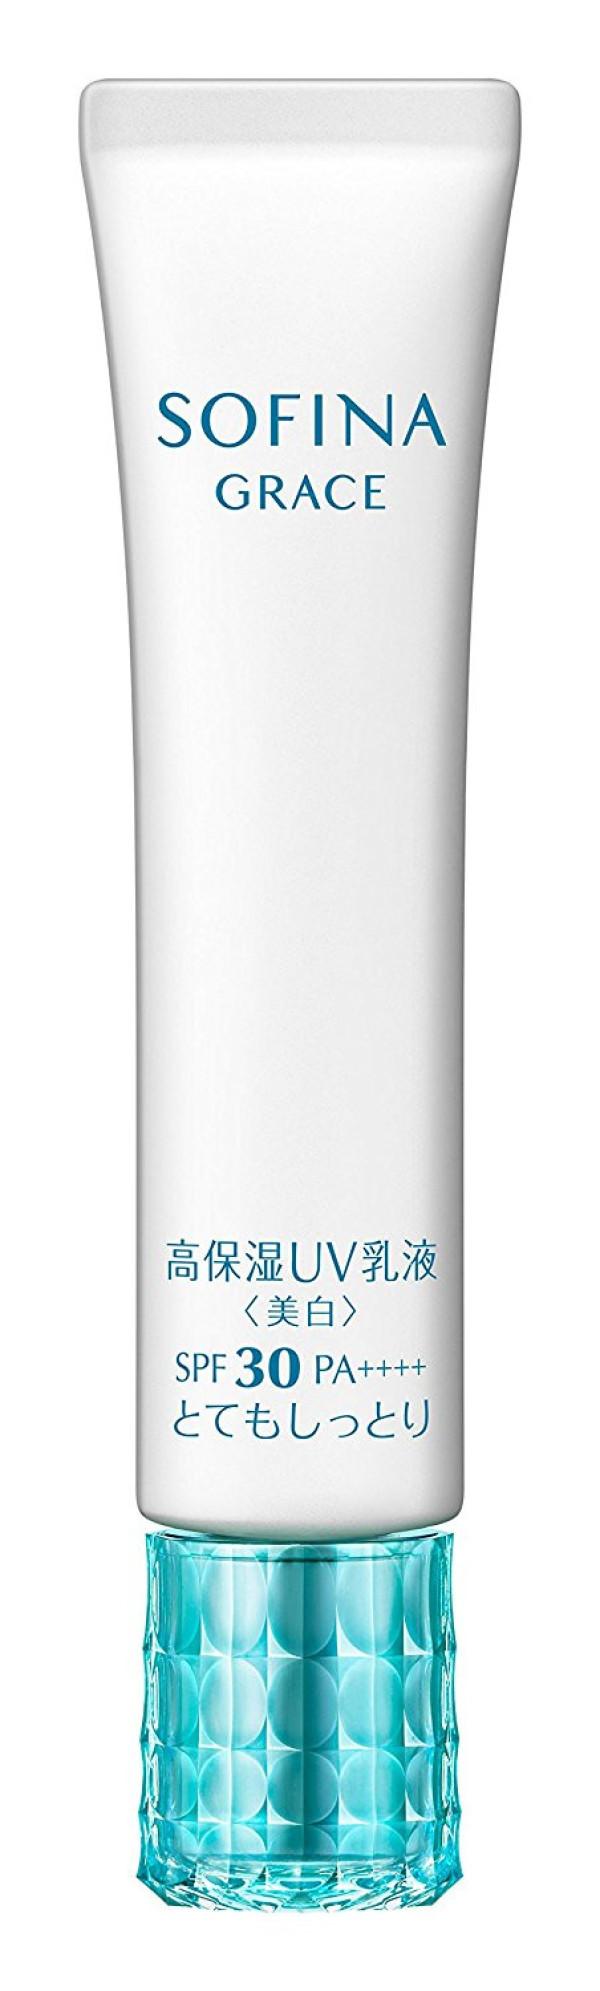 Увлажняющий лосьон Sofina Grace Takaho UV SPF30 PA ++++